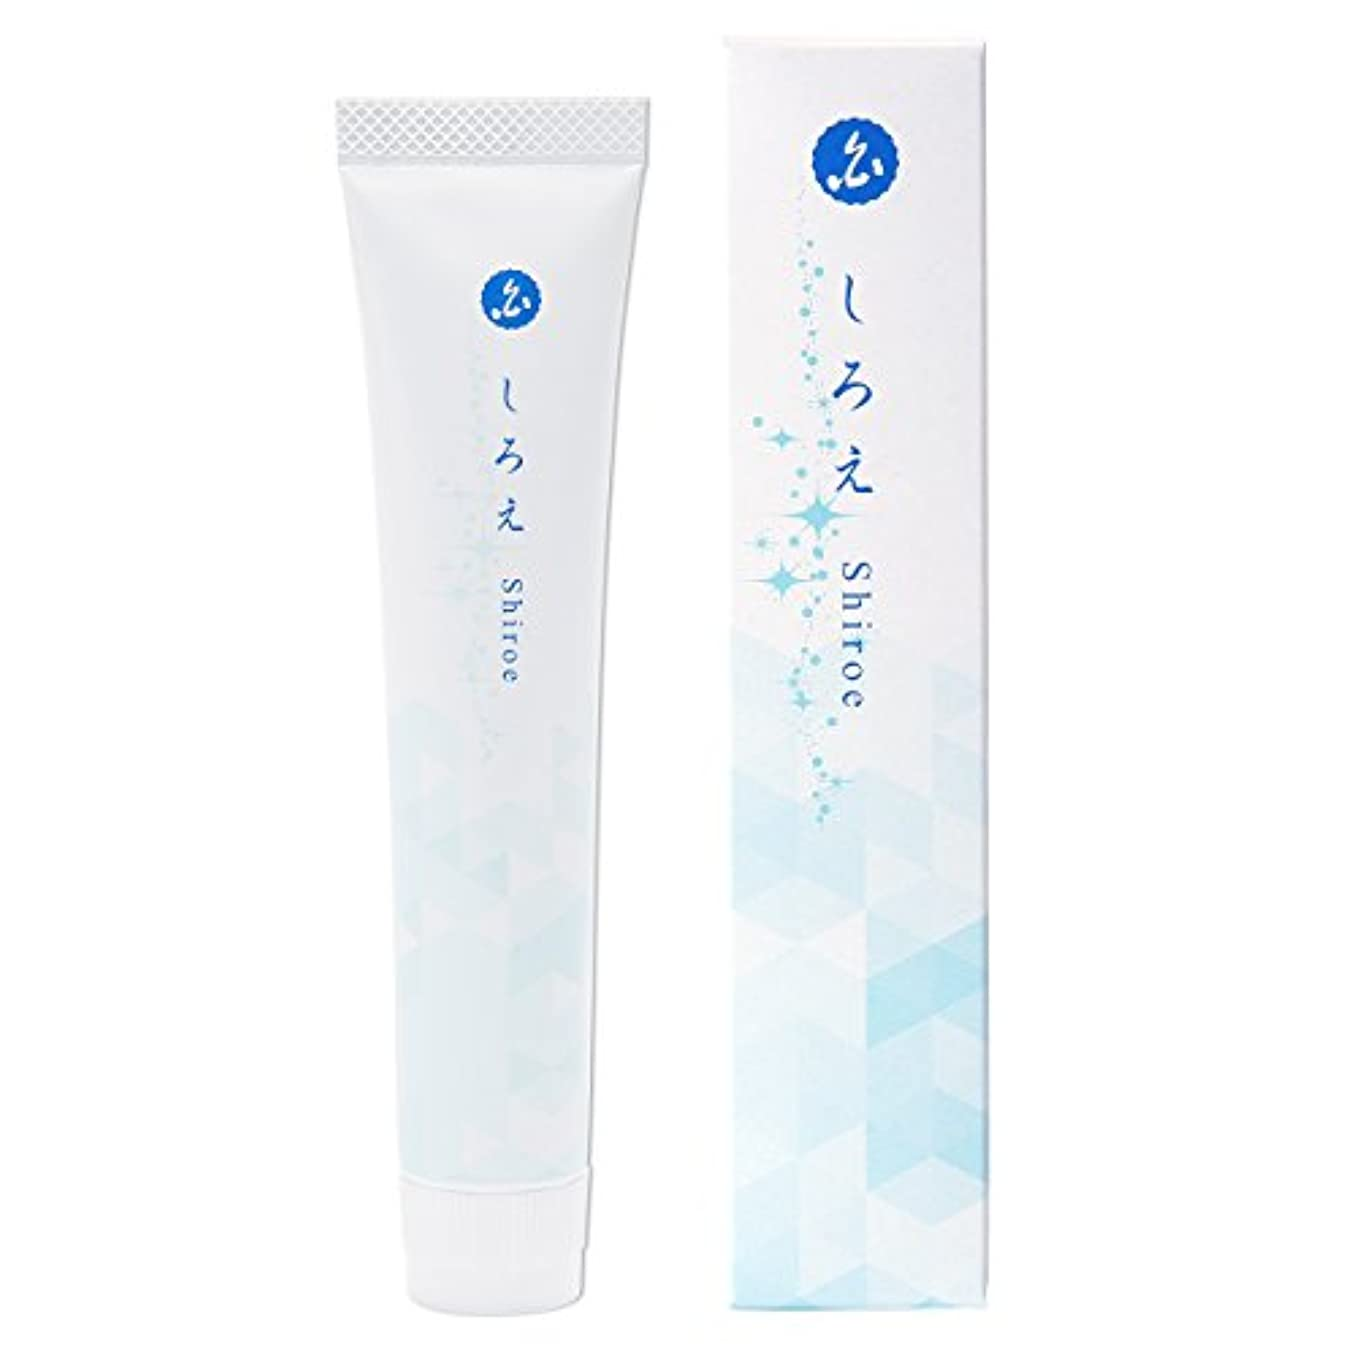 眠っているベーシック多用途薬用しろえ歯磨きジェル ホワイトニング歯磨き粉 医薬部外品 はみがき粉 50g 日本製